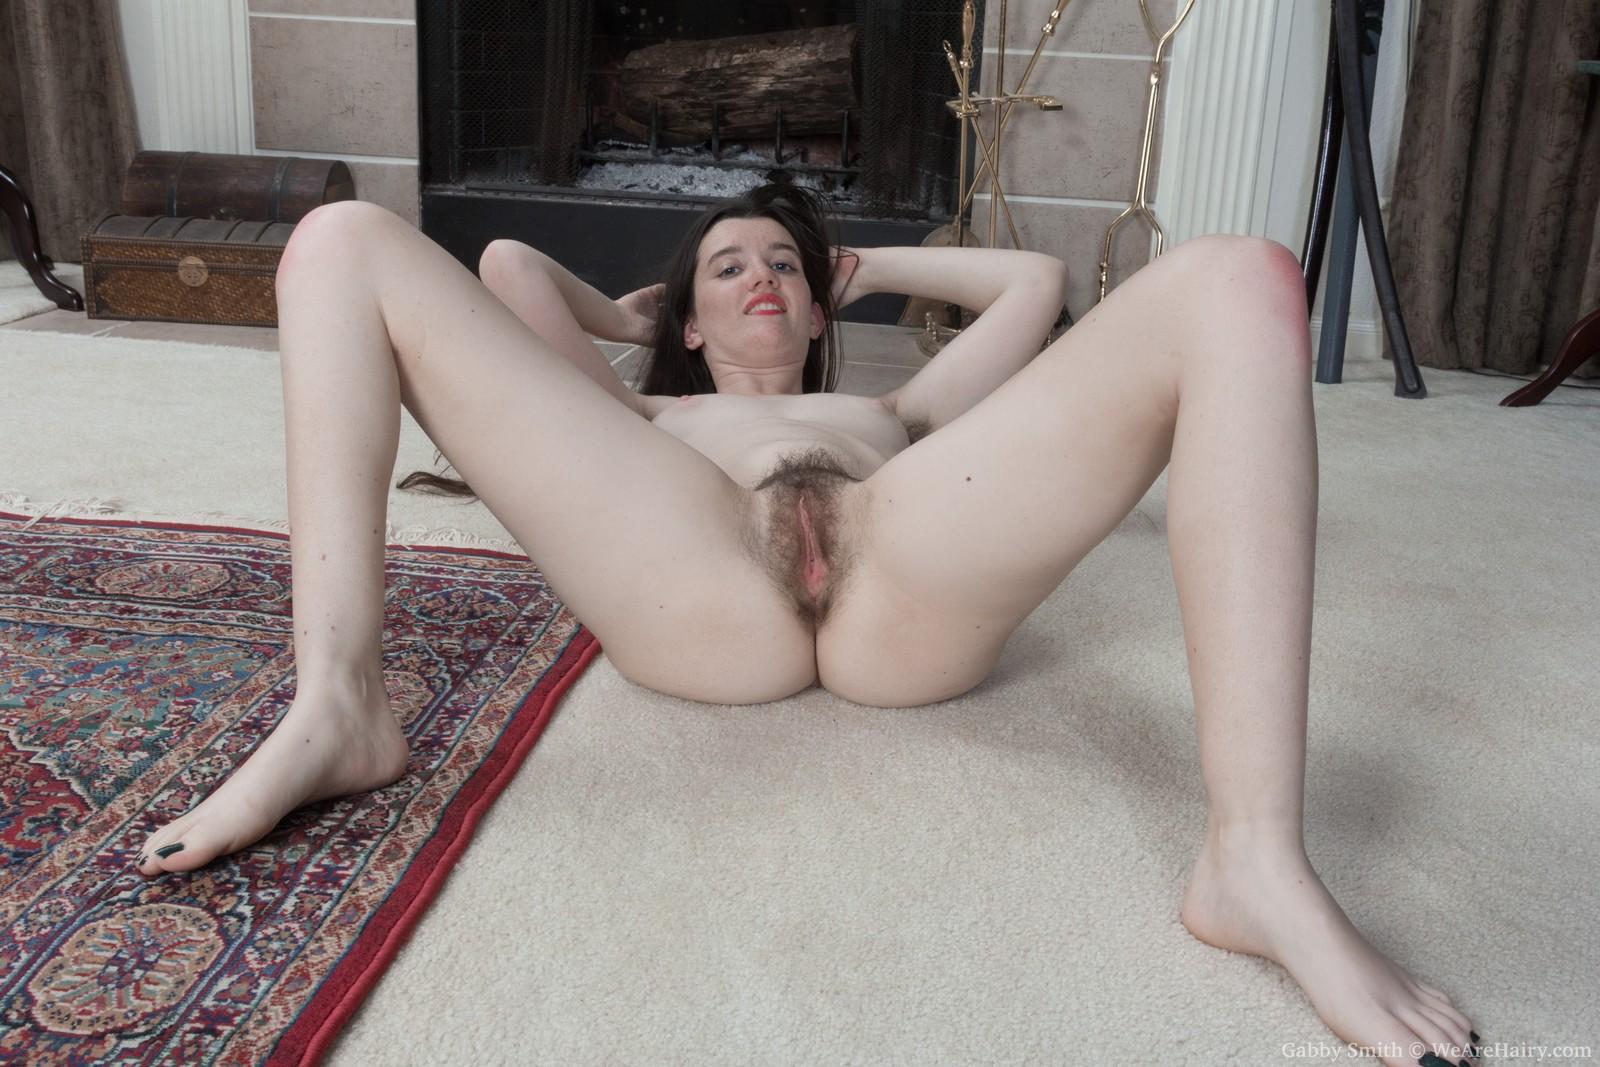 gabby-smith-strips-nude-by-her-fireplace12.jpg